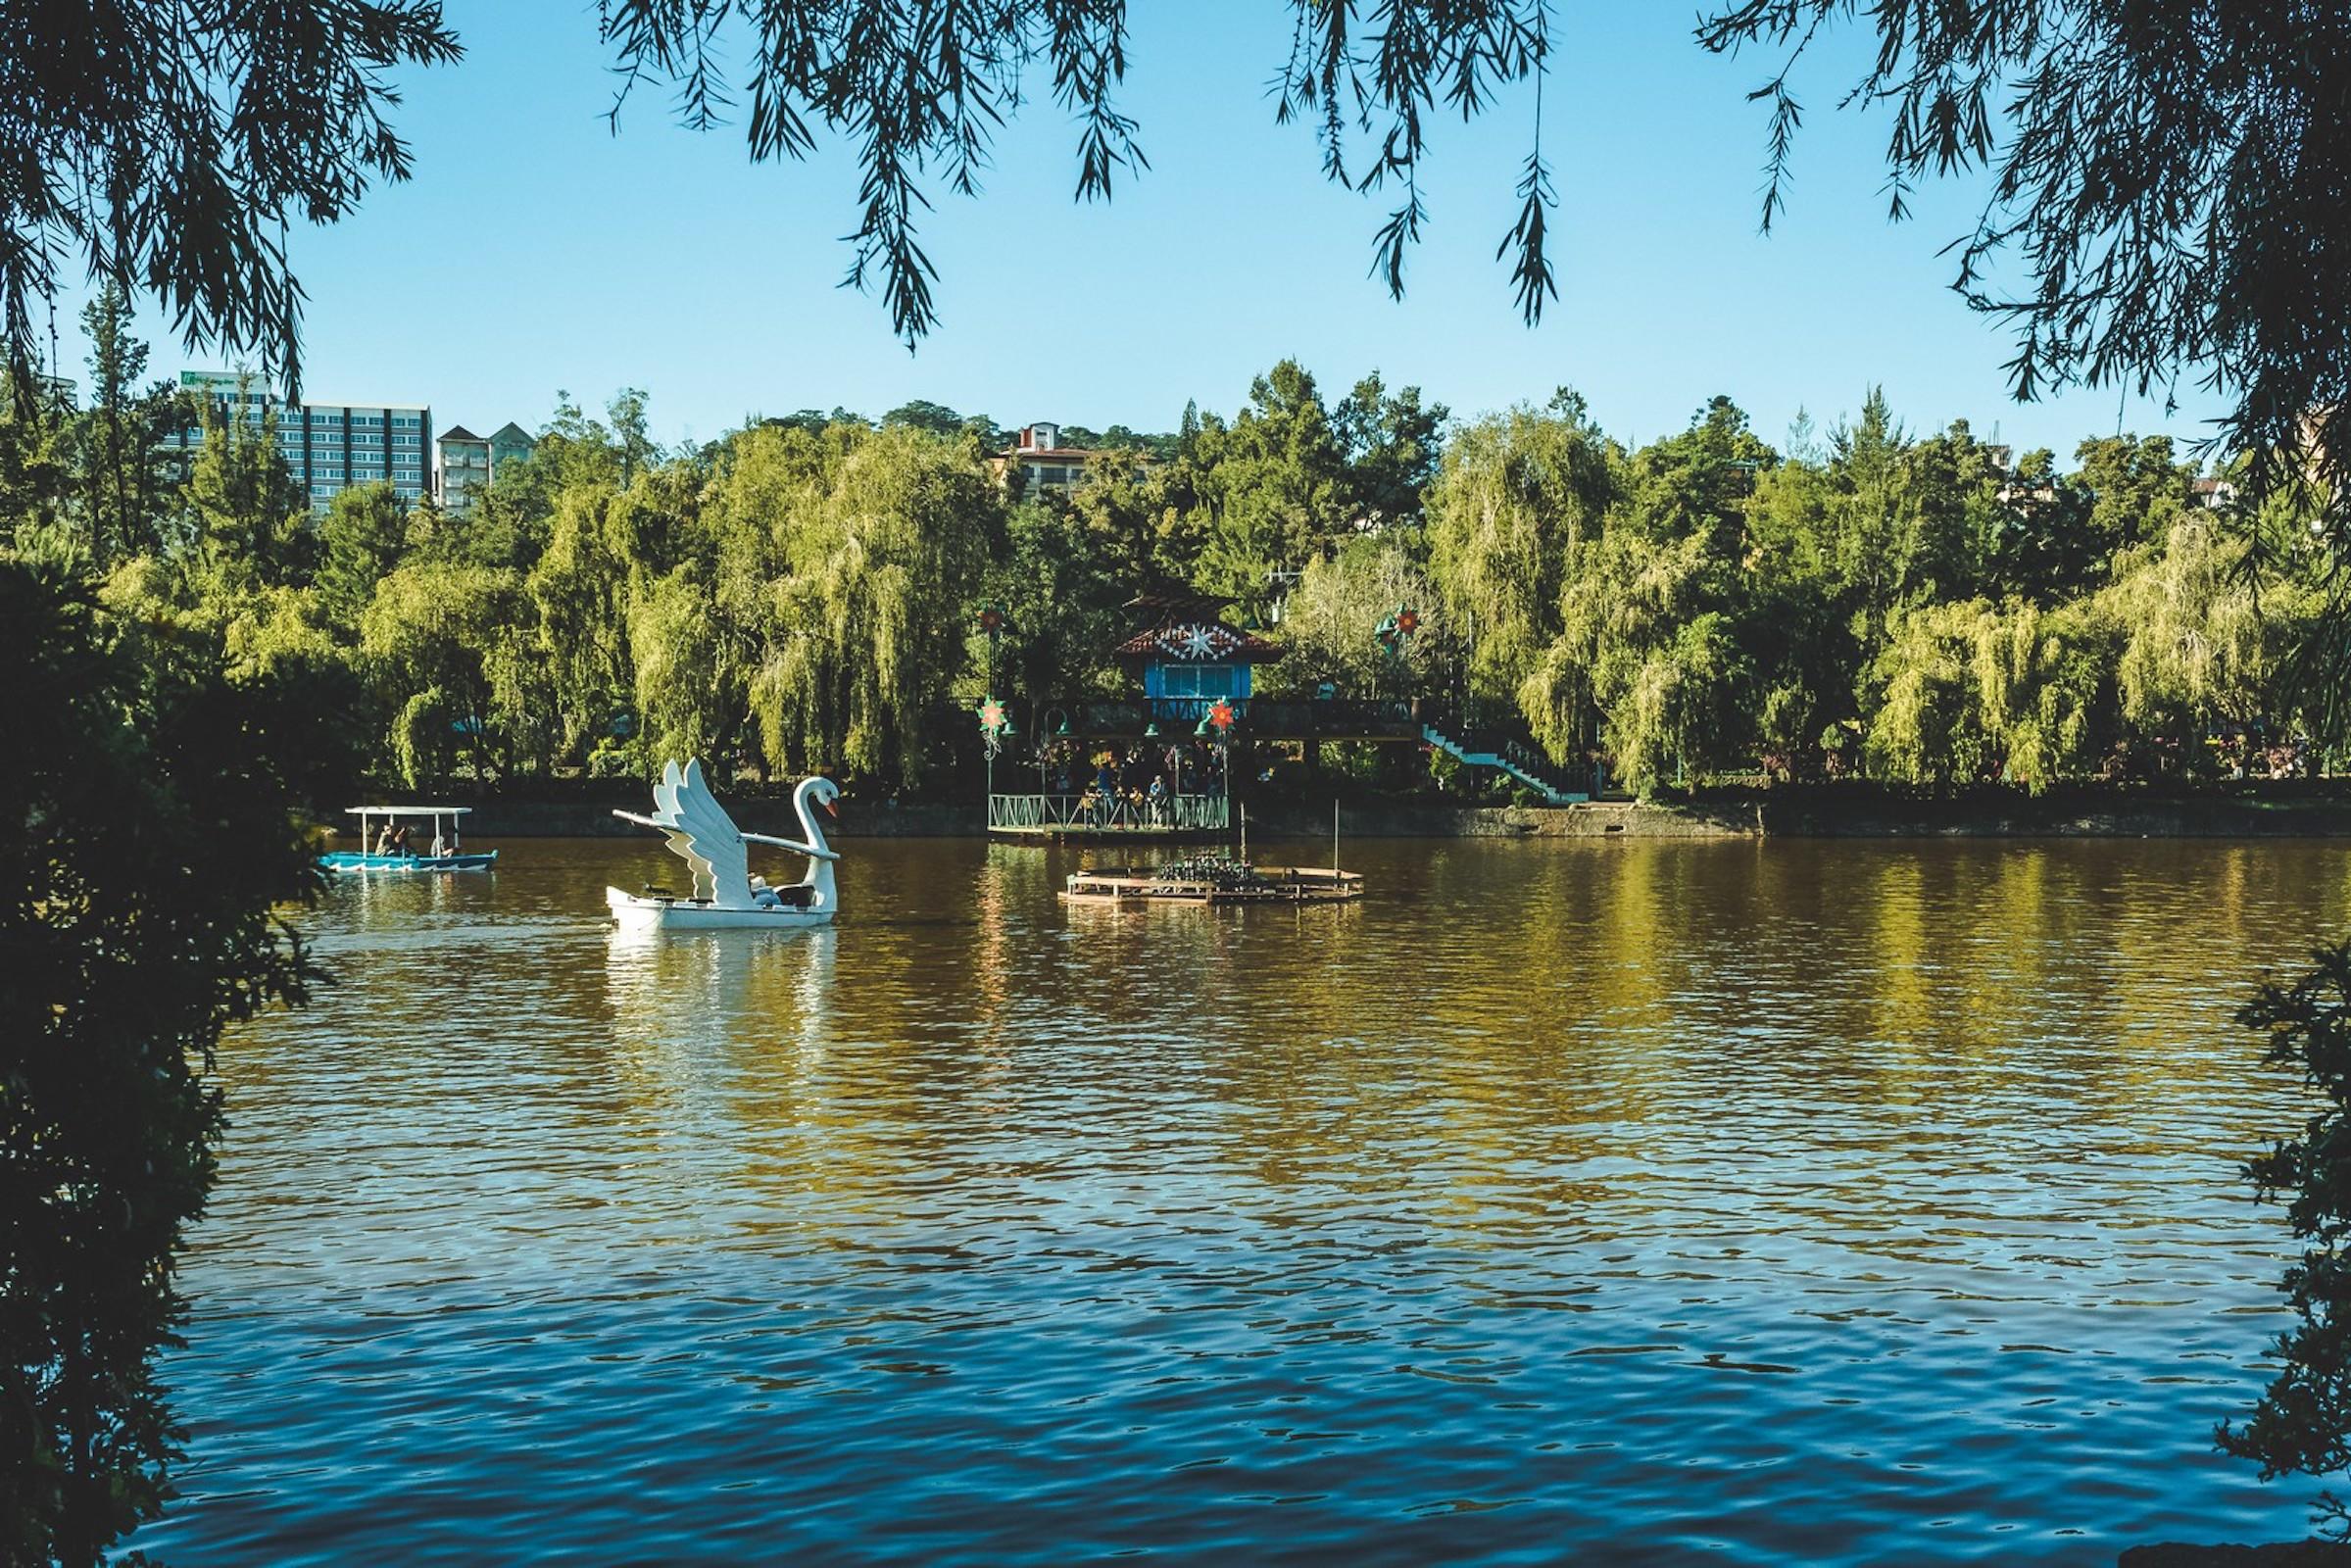 Swan Boat Ride at Burnham Park Baguio